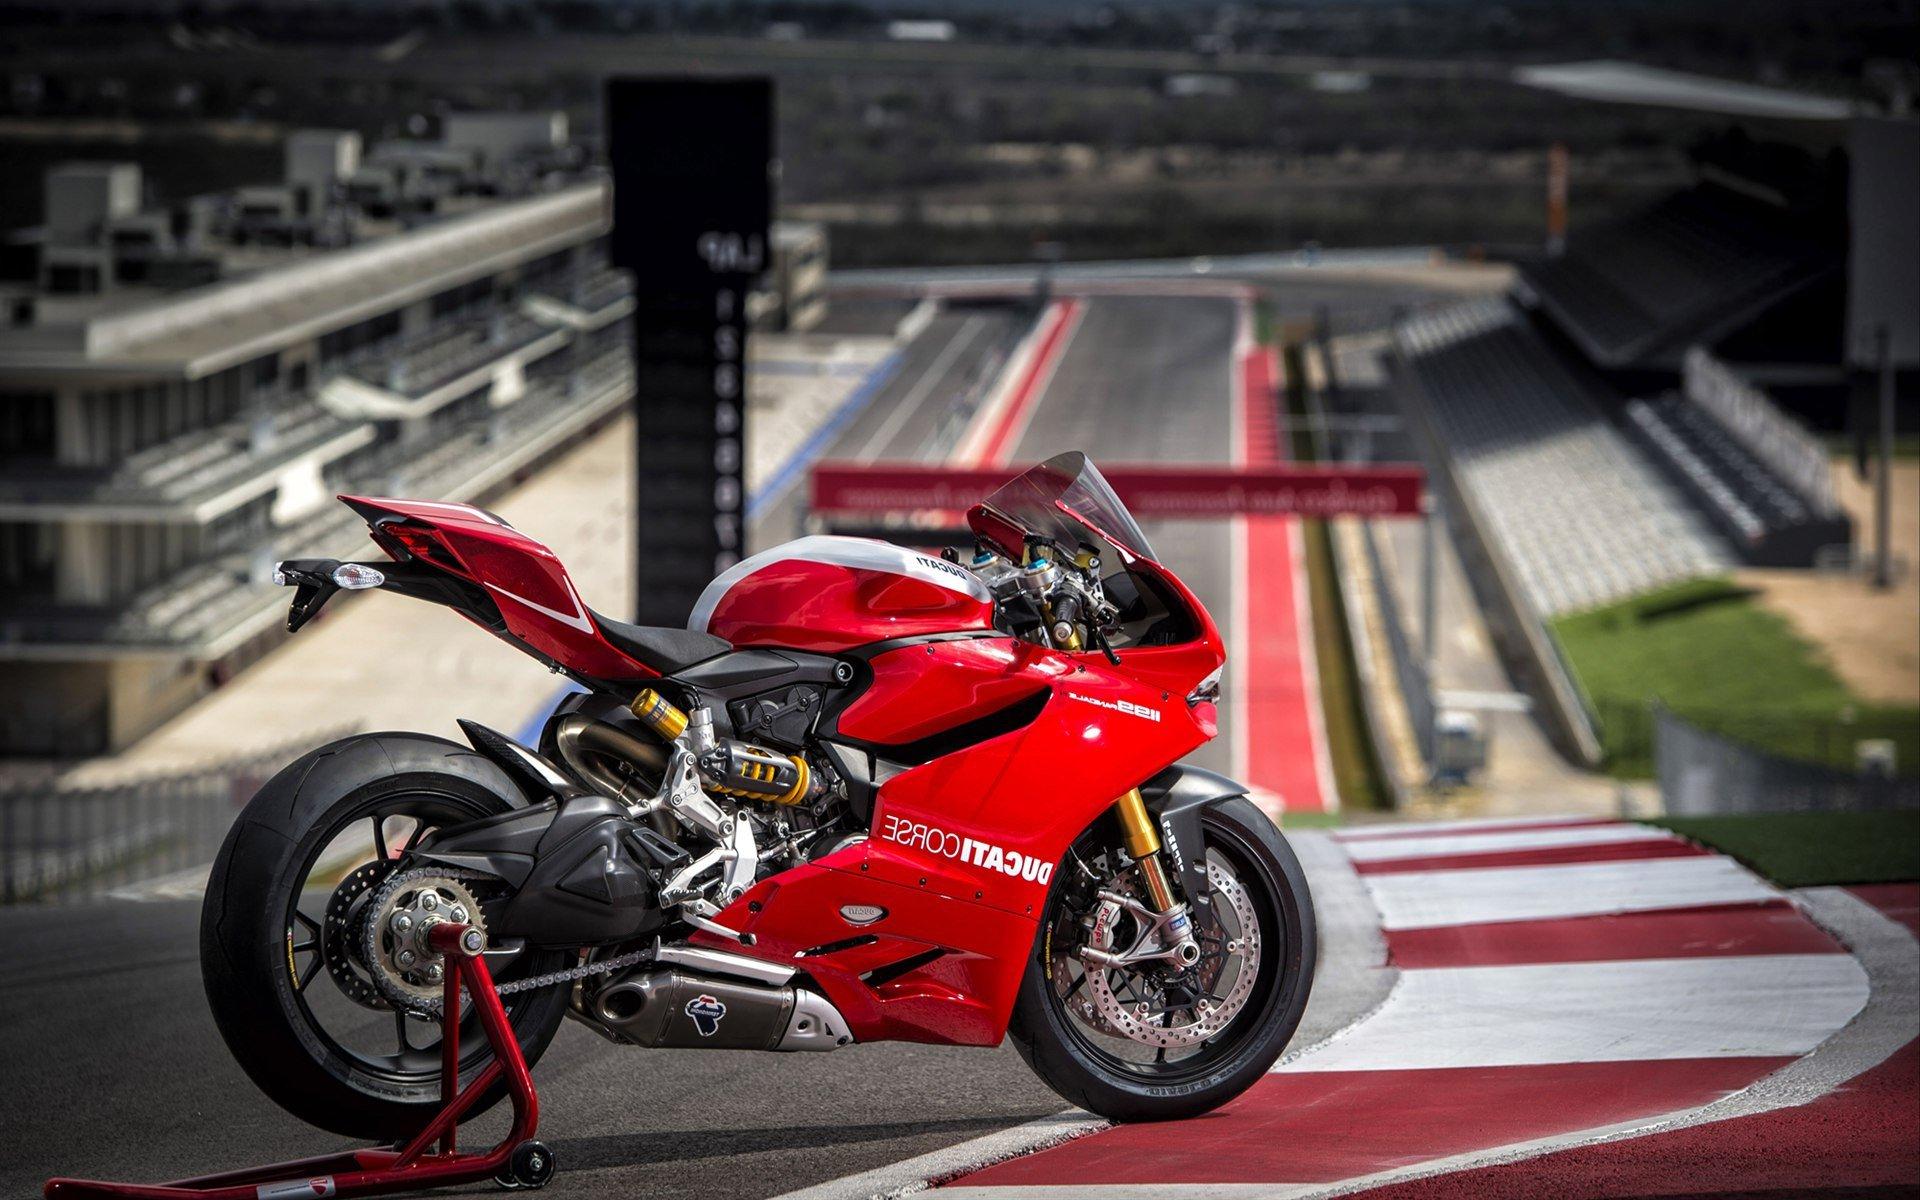 1600x900 Ducati Superbike 1199 1600x900 Resolution HD 4k